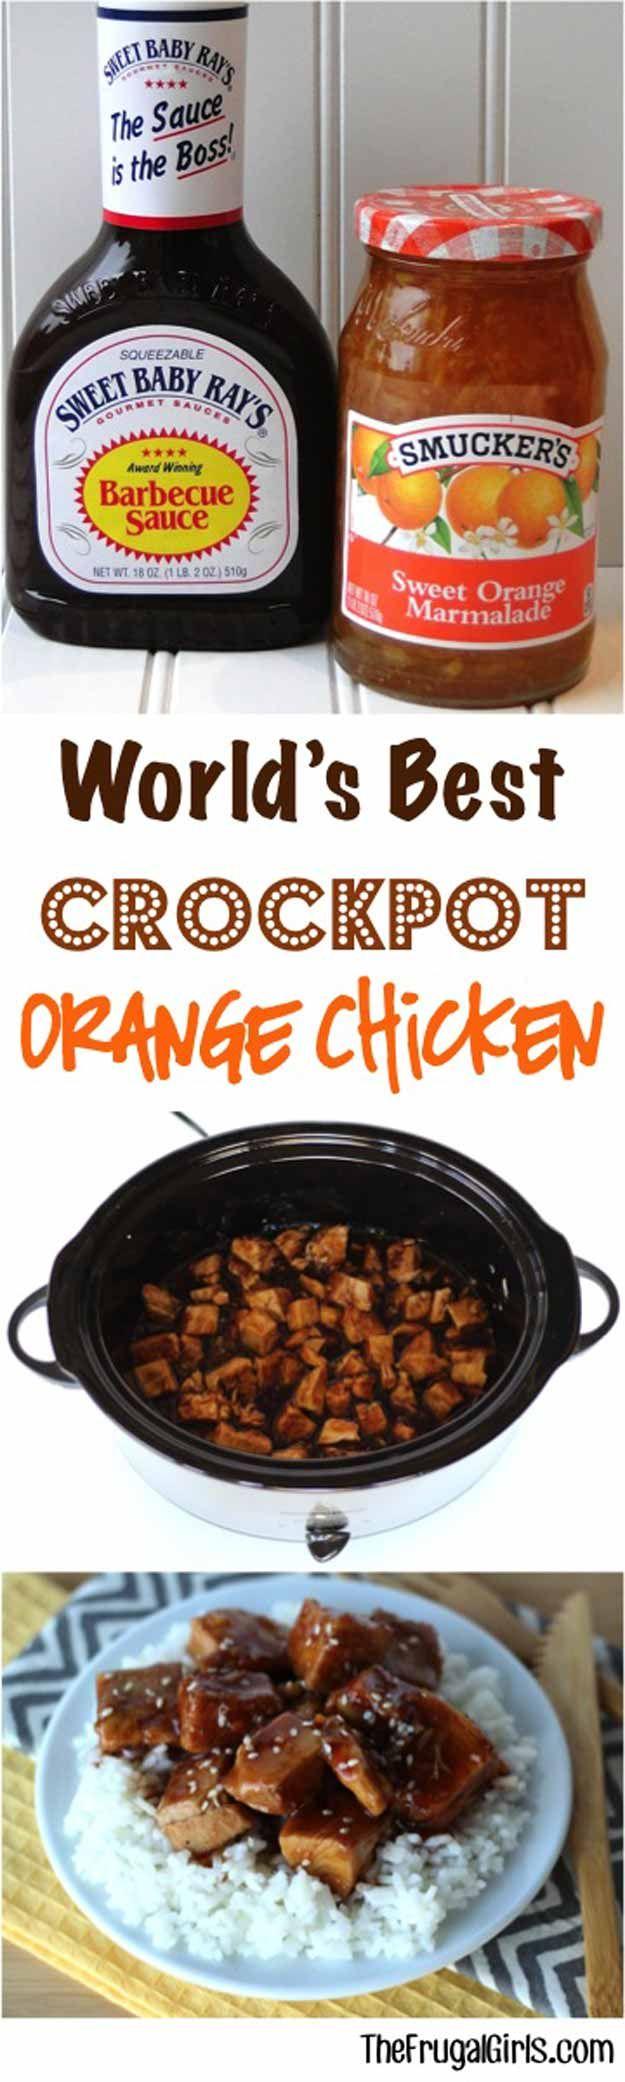 Recipes to make orange chicken